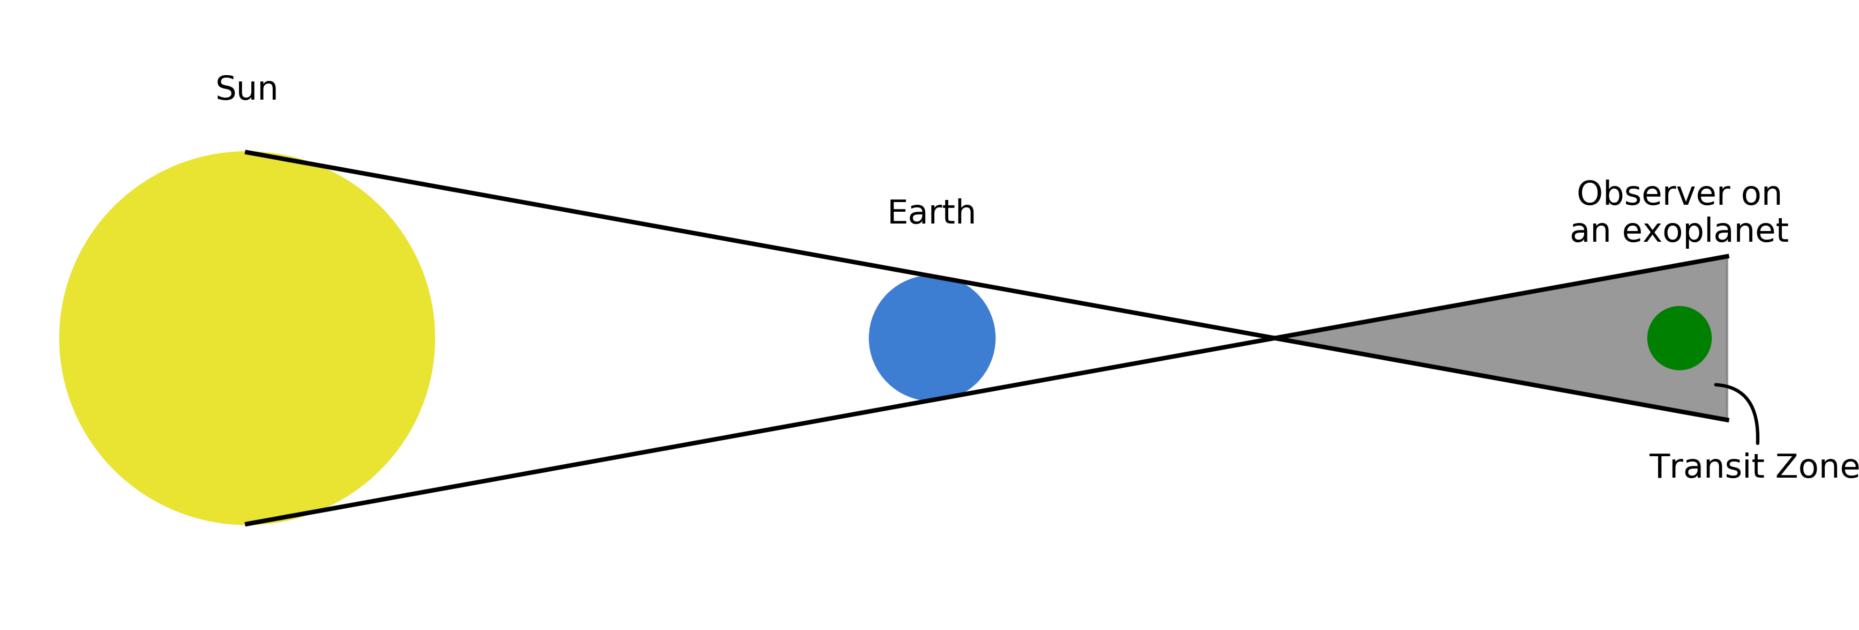 Транзитная зона Земли в диаметре составляет около половины градуса, а центр ее лежит на плоскости эклиптики (плоскости вращения Земли вокруг Солнца). Наблюдатель на зелёной экзопланете находится в транзитной зоне Земли. (Фото: R. Wells)